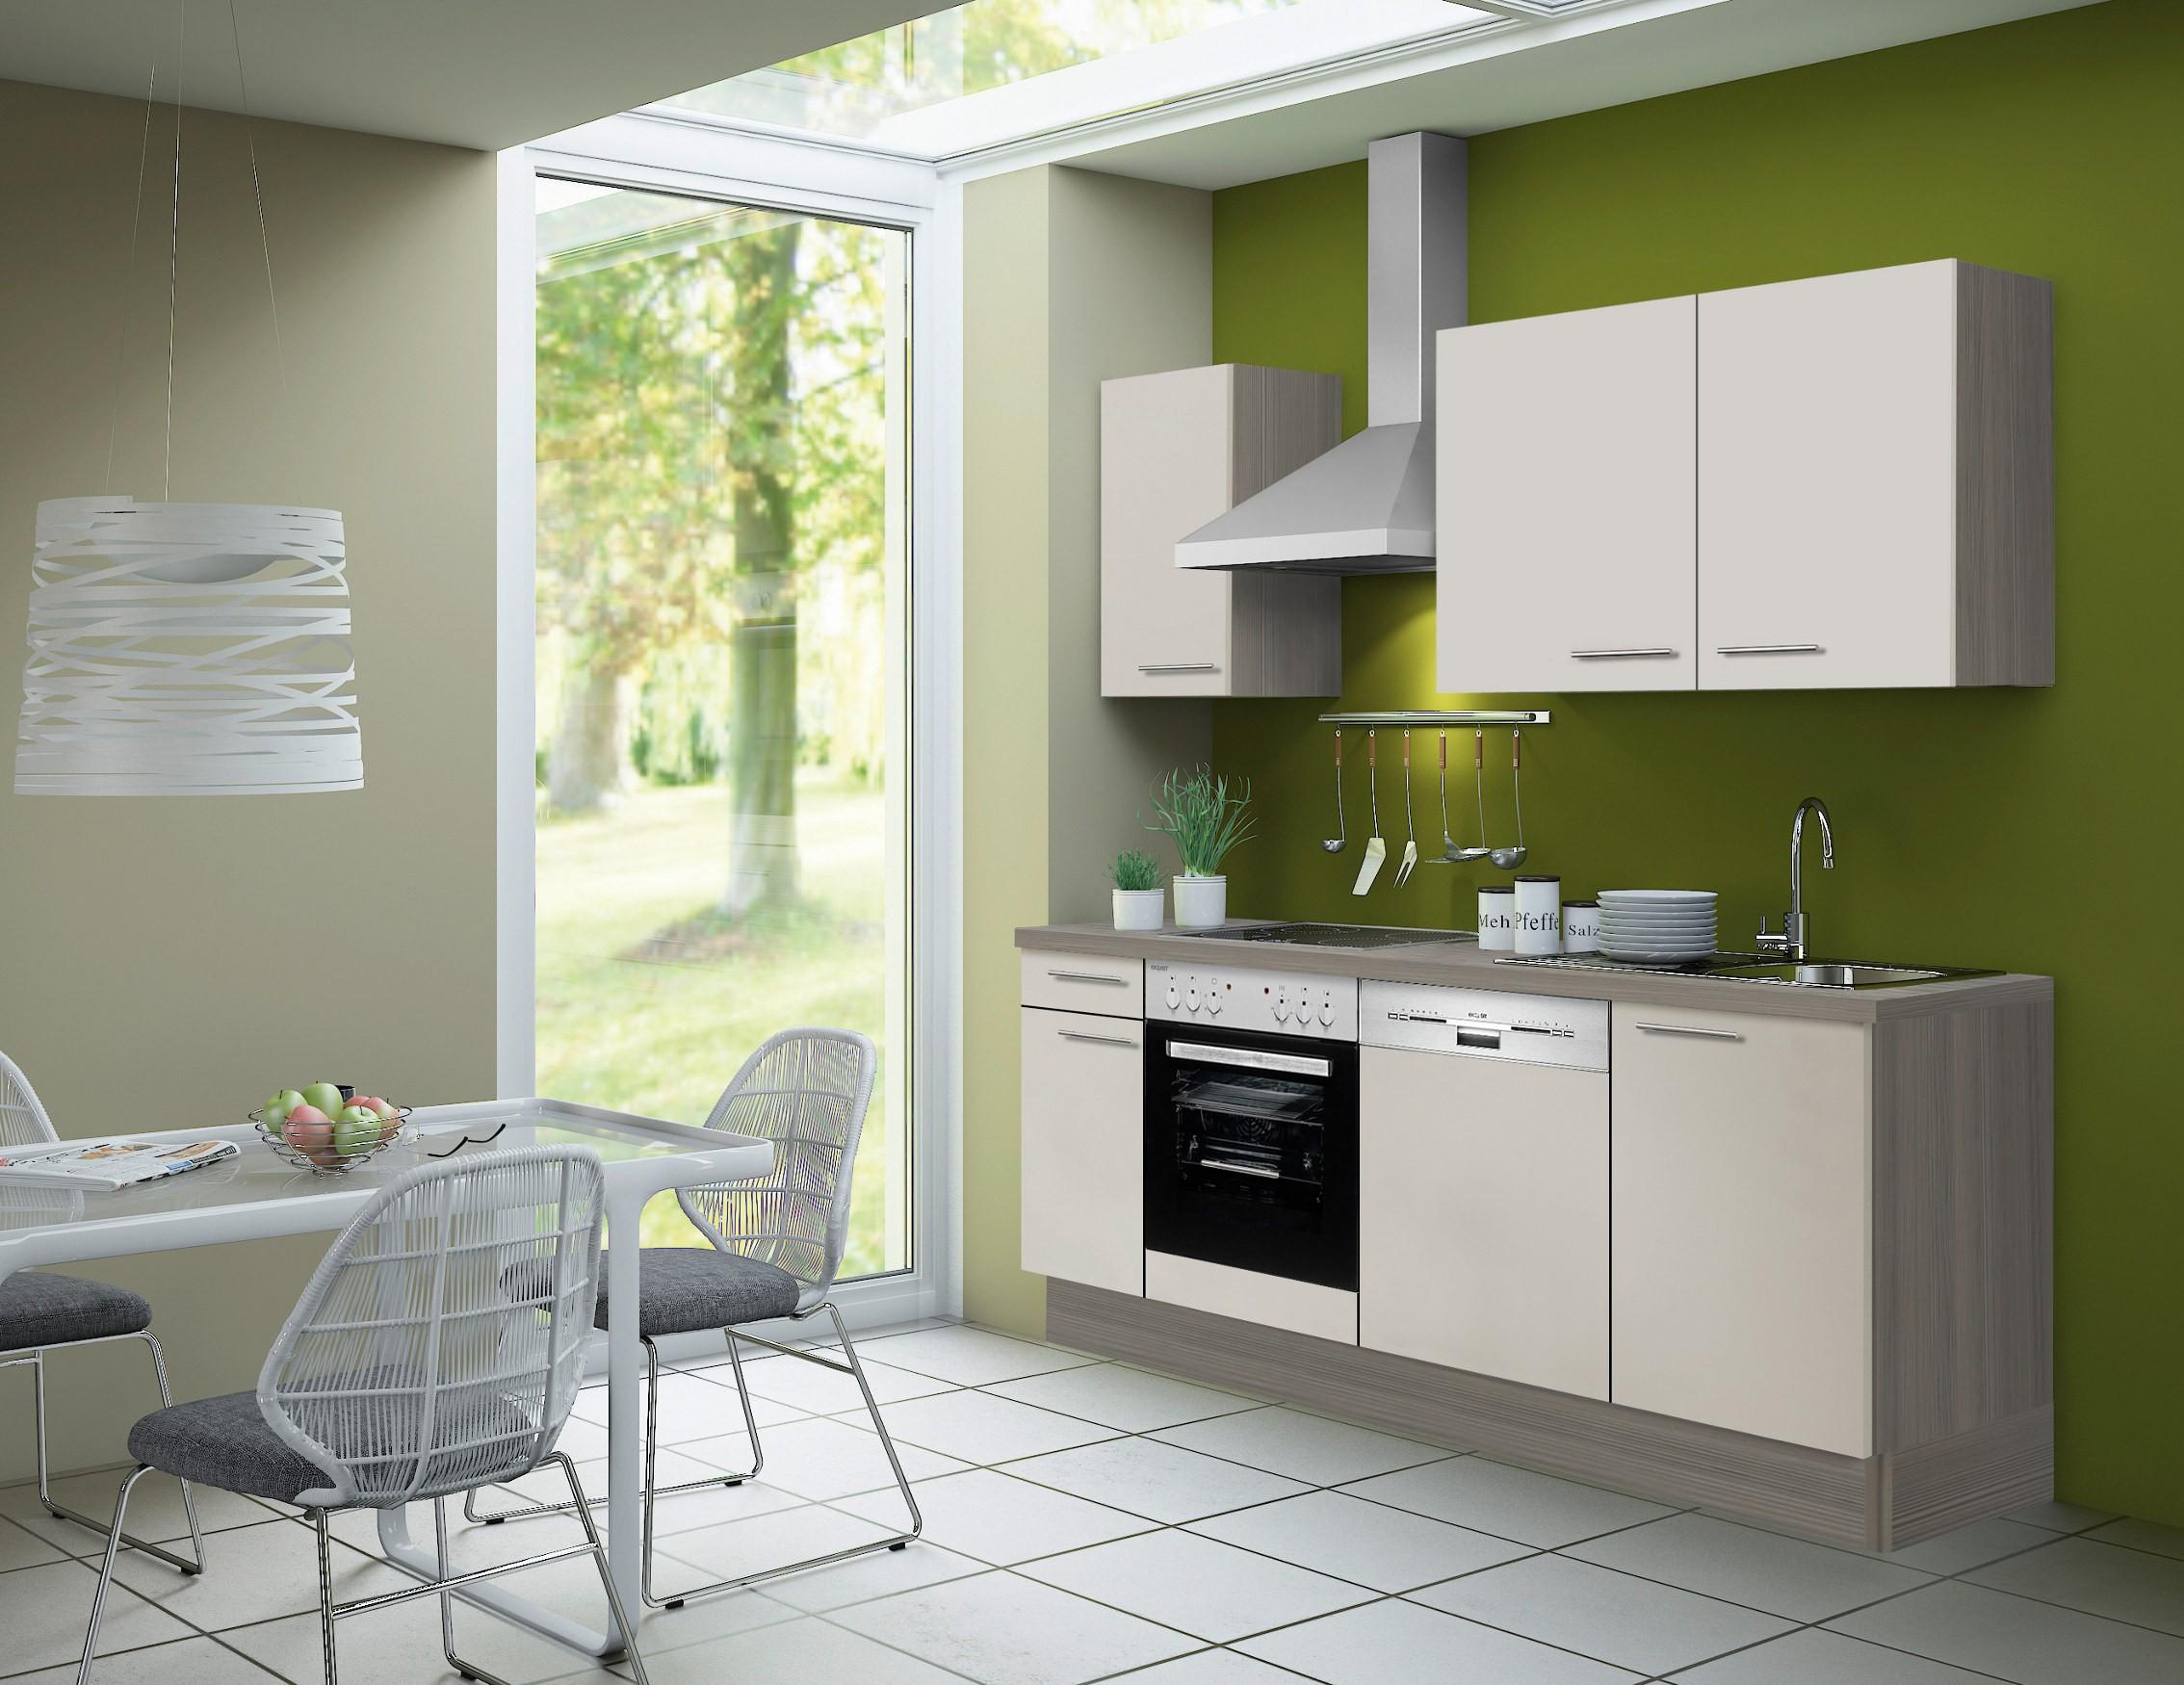 k chenzeile cadiz vario 2 k che mit e ger ten breite 210 cm beige k che k chenzeilen. Black Bedroom Furniture Sets. Home Design Ideas